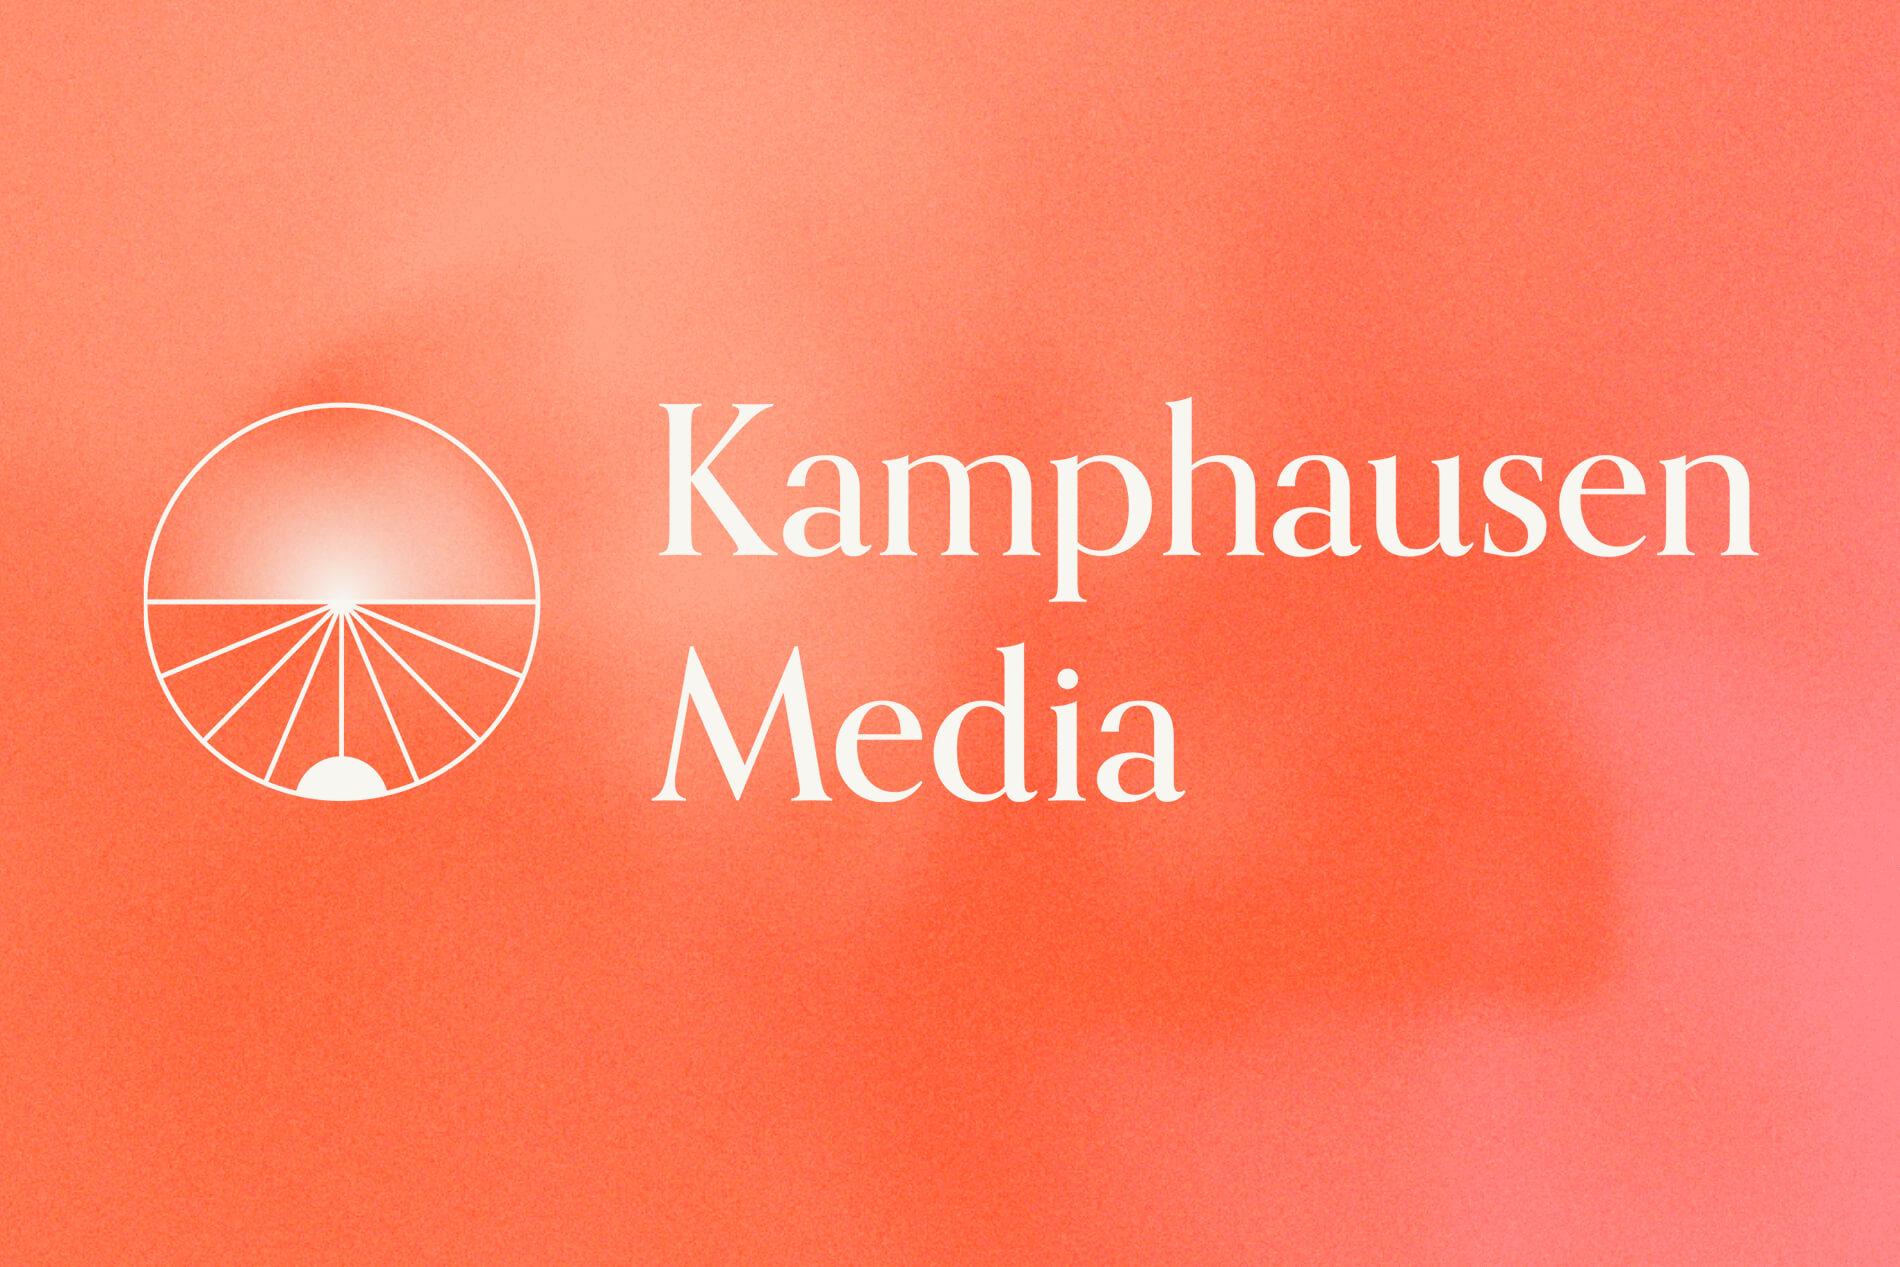 Kamphausen-Markenentwicklung-Logo